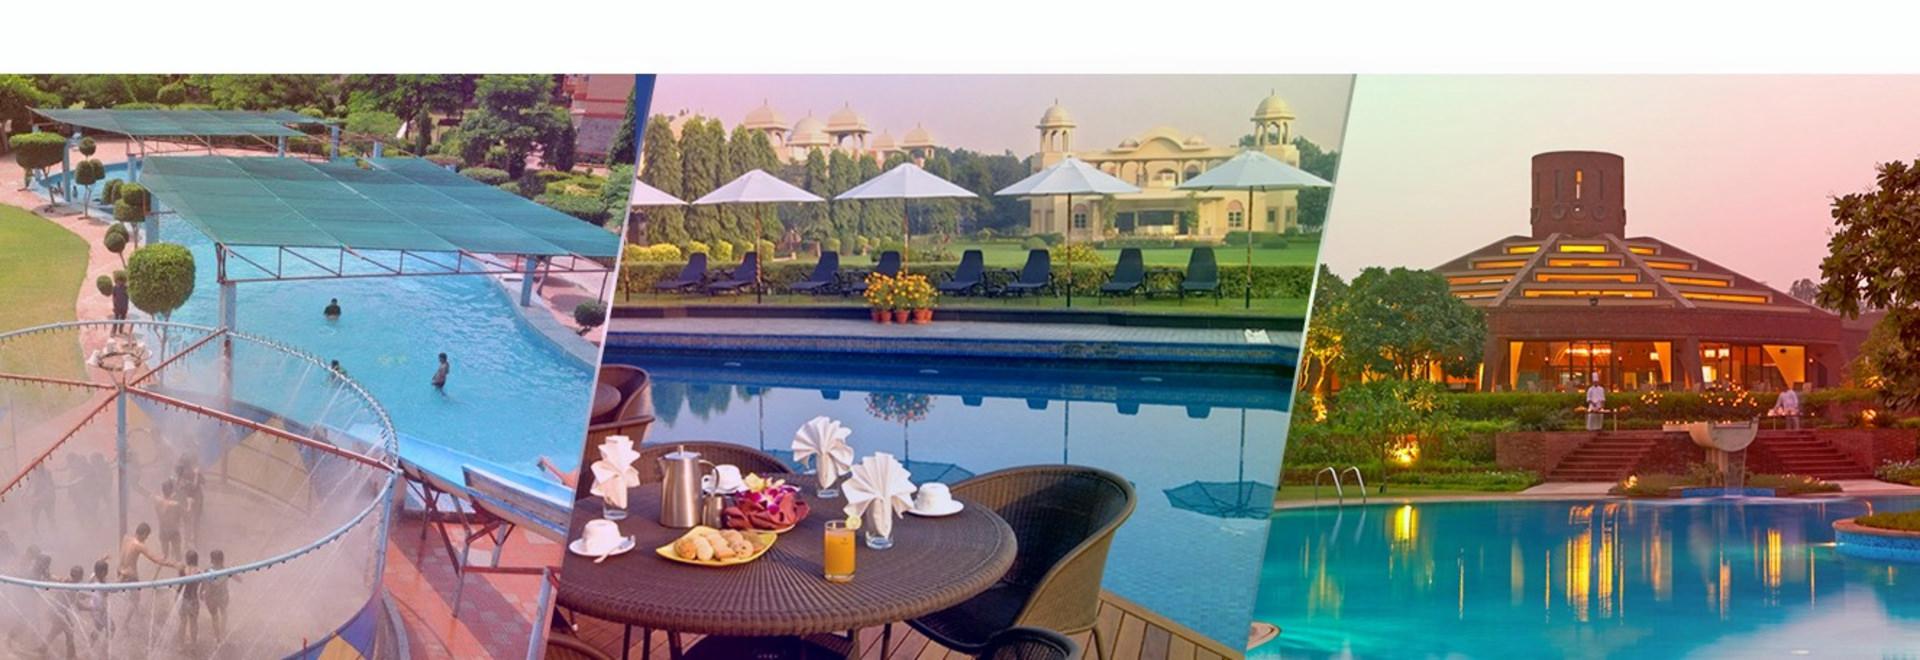 Resort-near-delhi.jpg